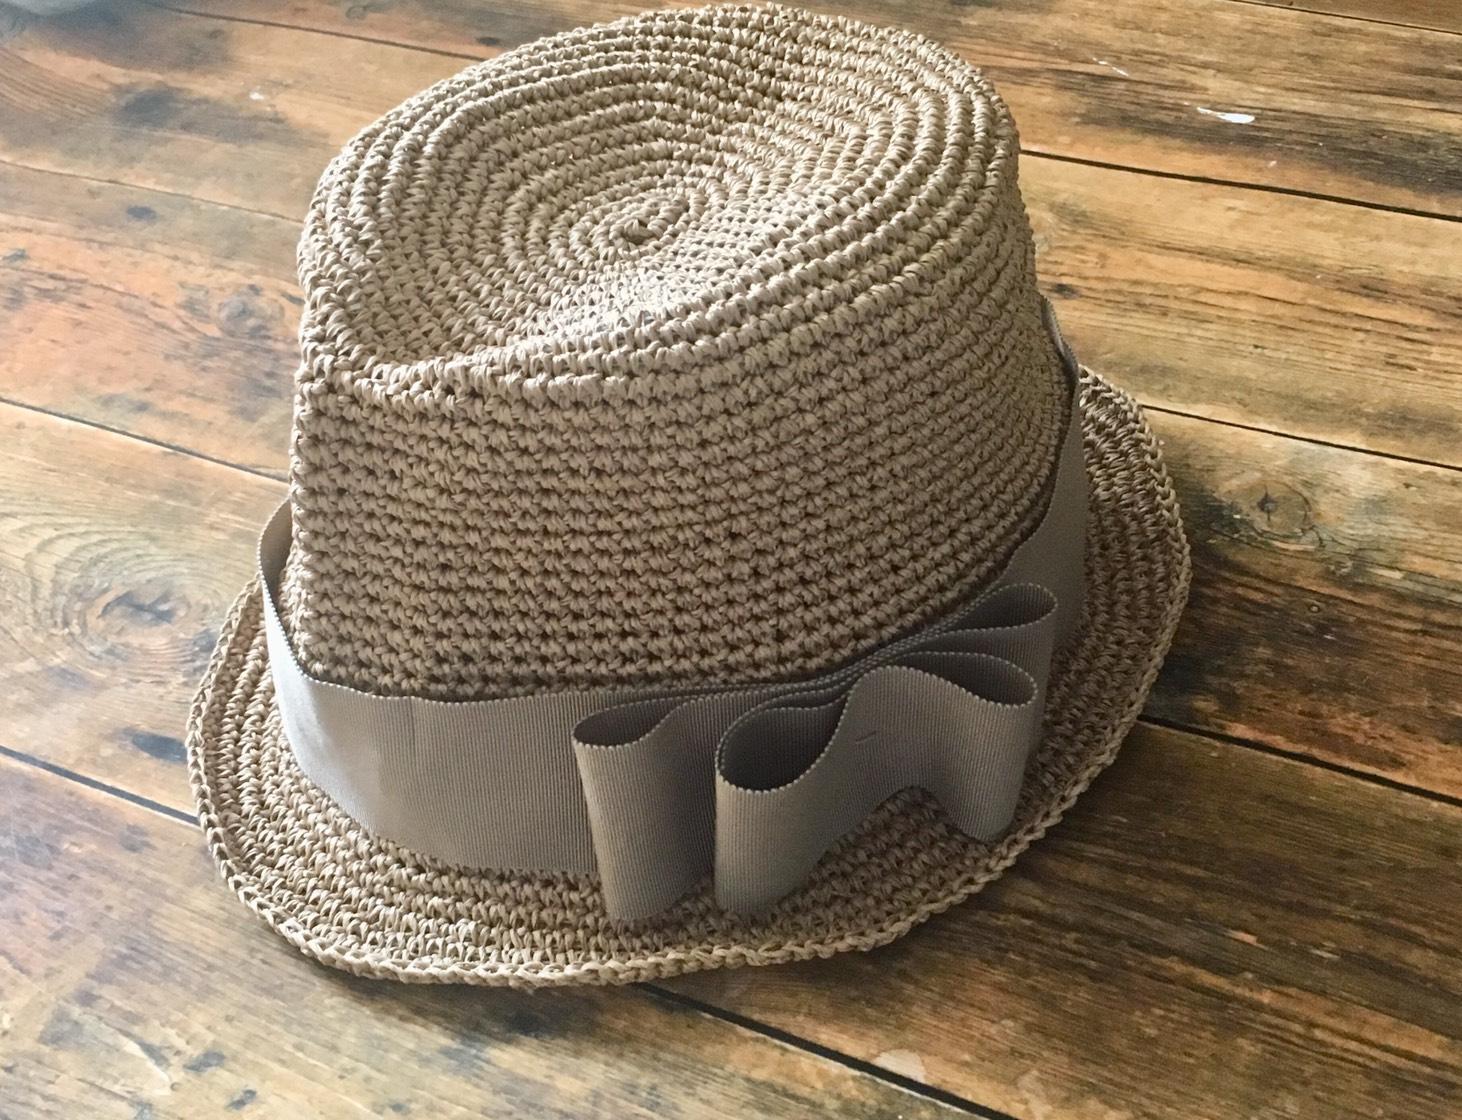 eriko's 作品集 帽子のサムネイル